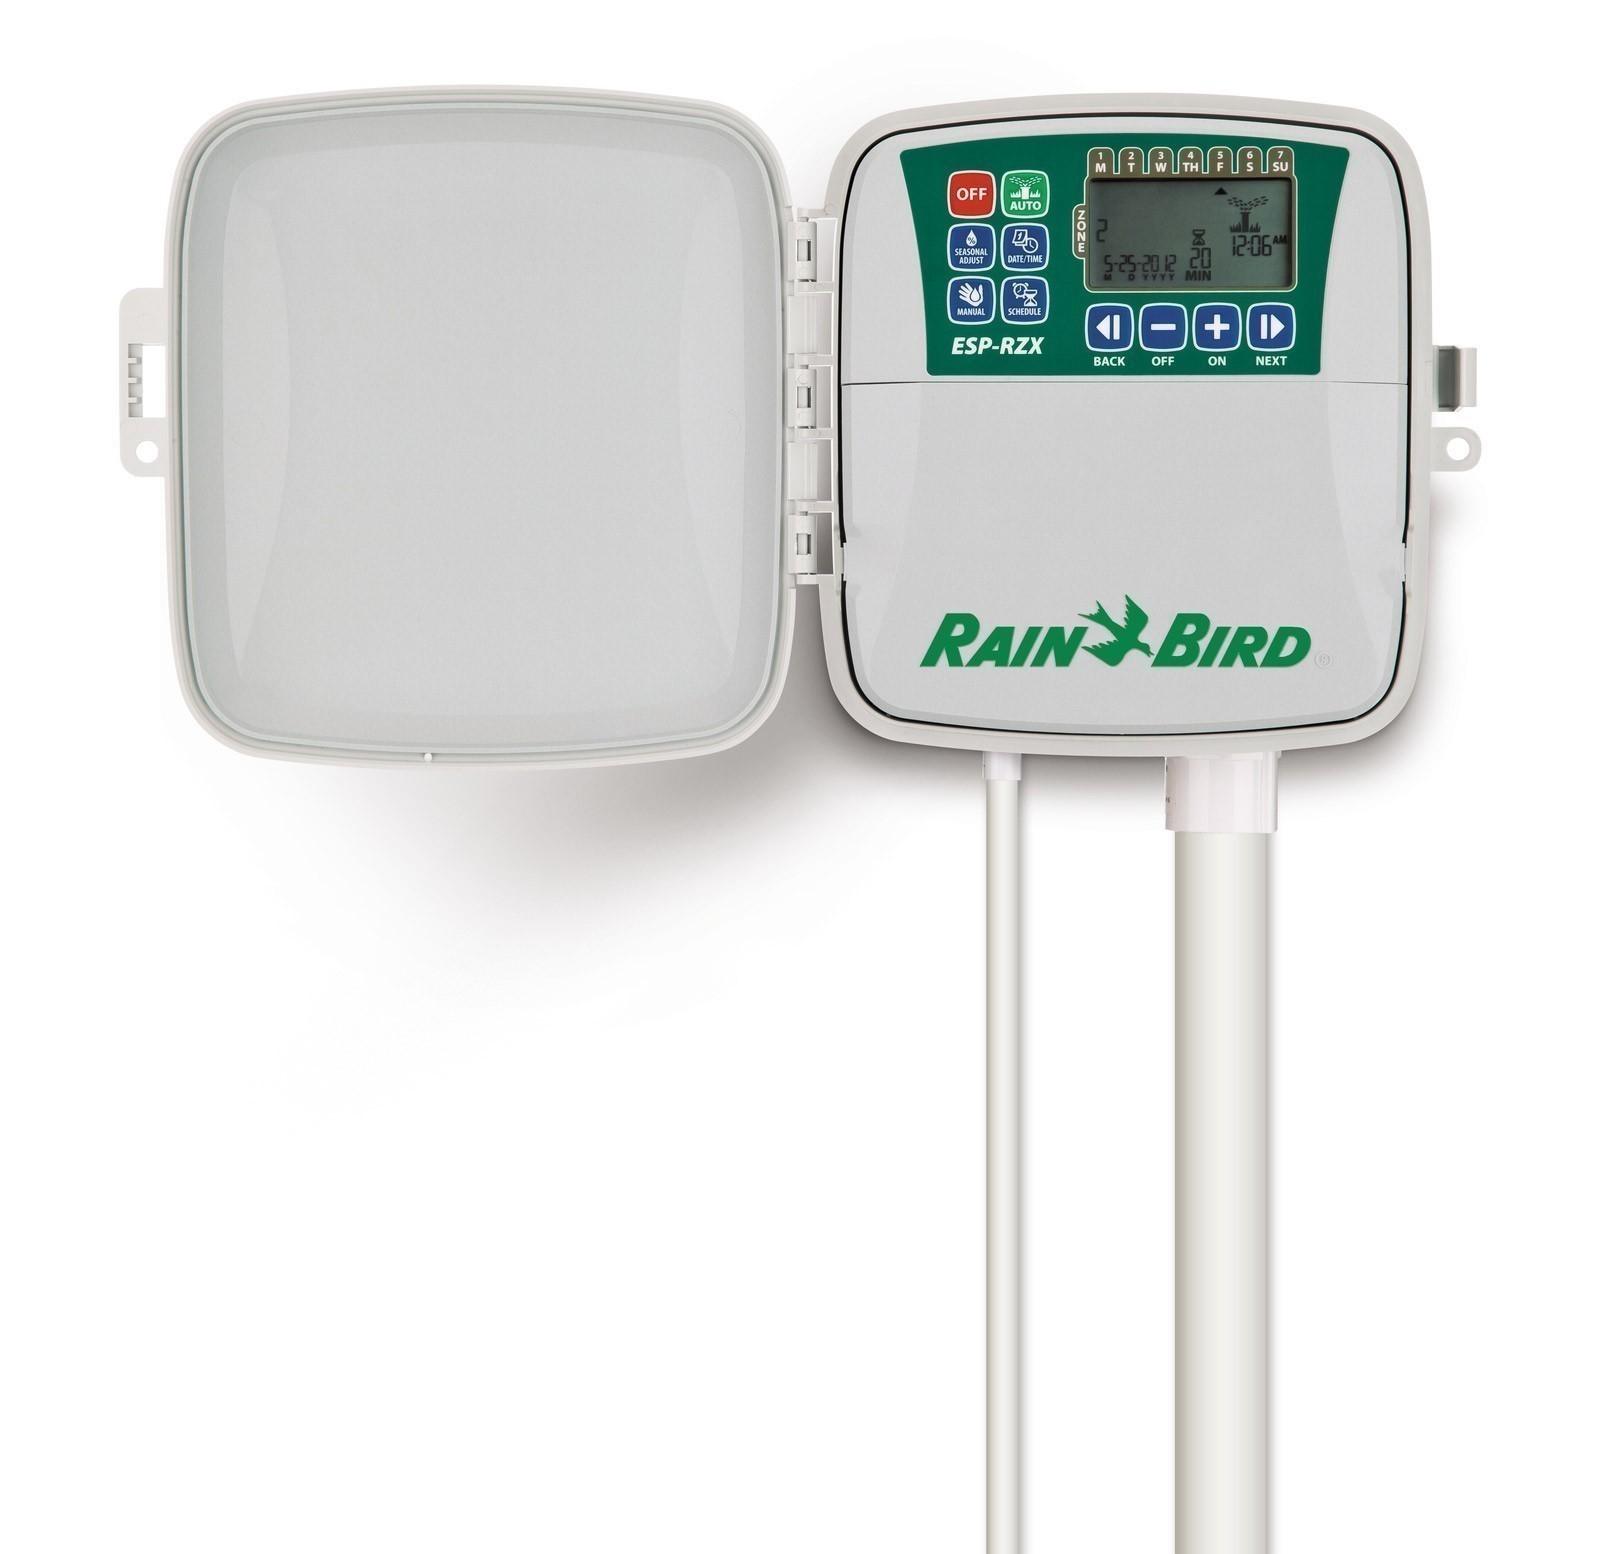 Rainbird Steuergerät ESP-RZX4 4 Stationen Außenmontage Bild 1